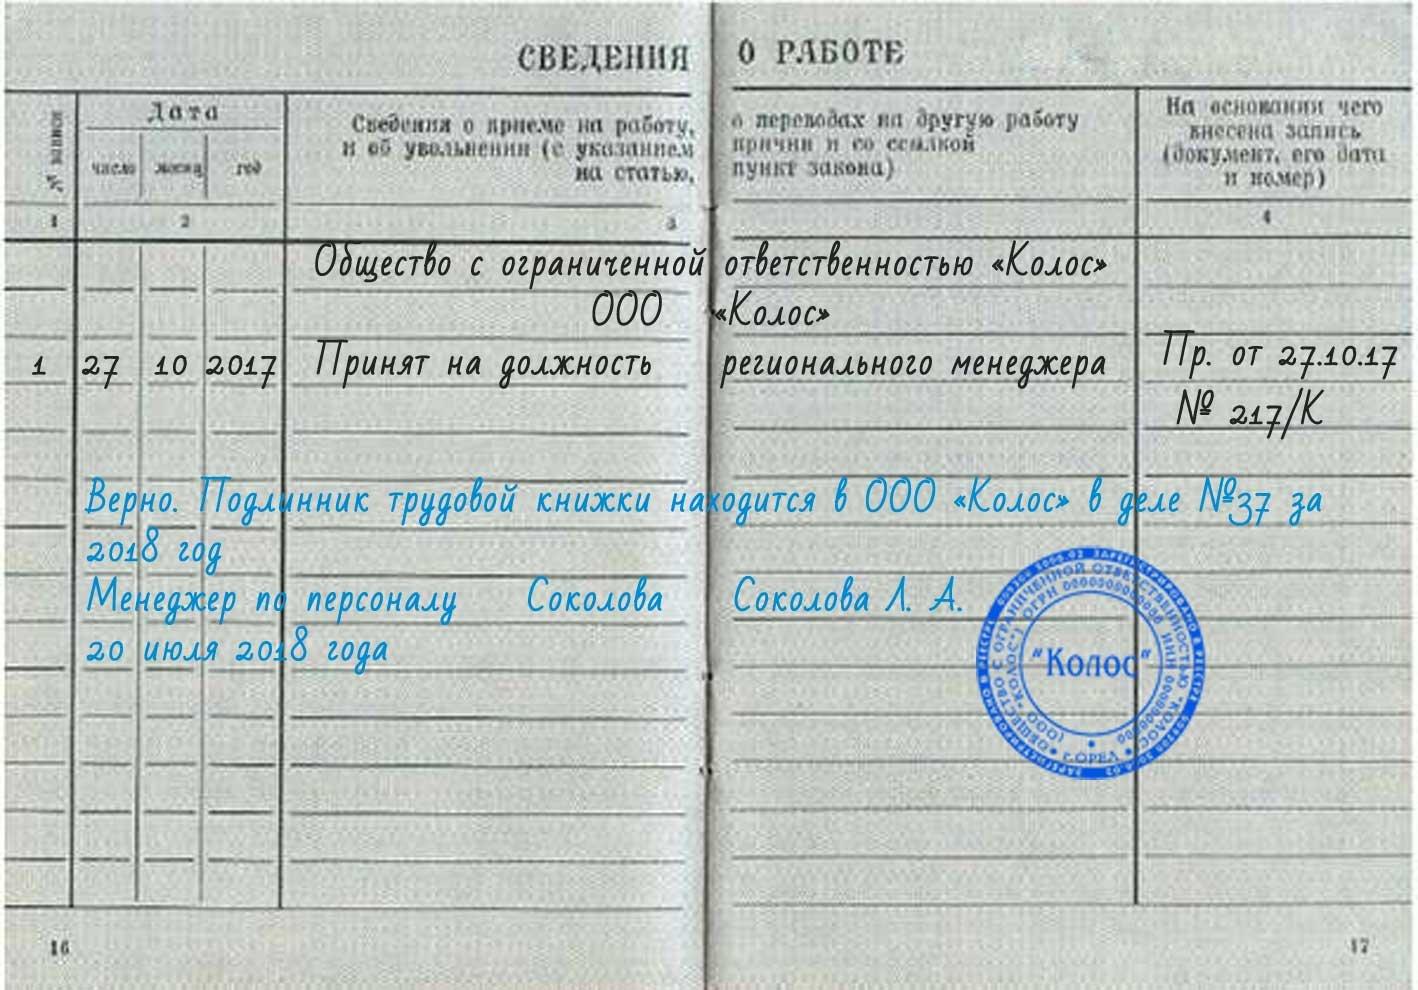 Перечень документов для регистрации новорожденного ребенка